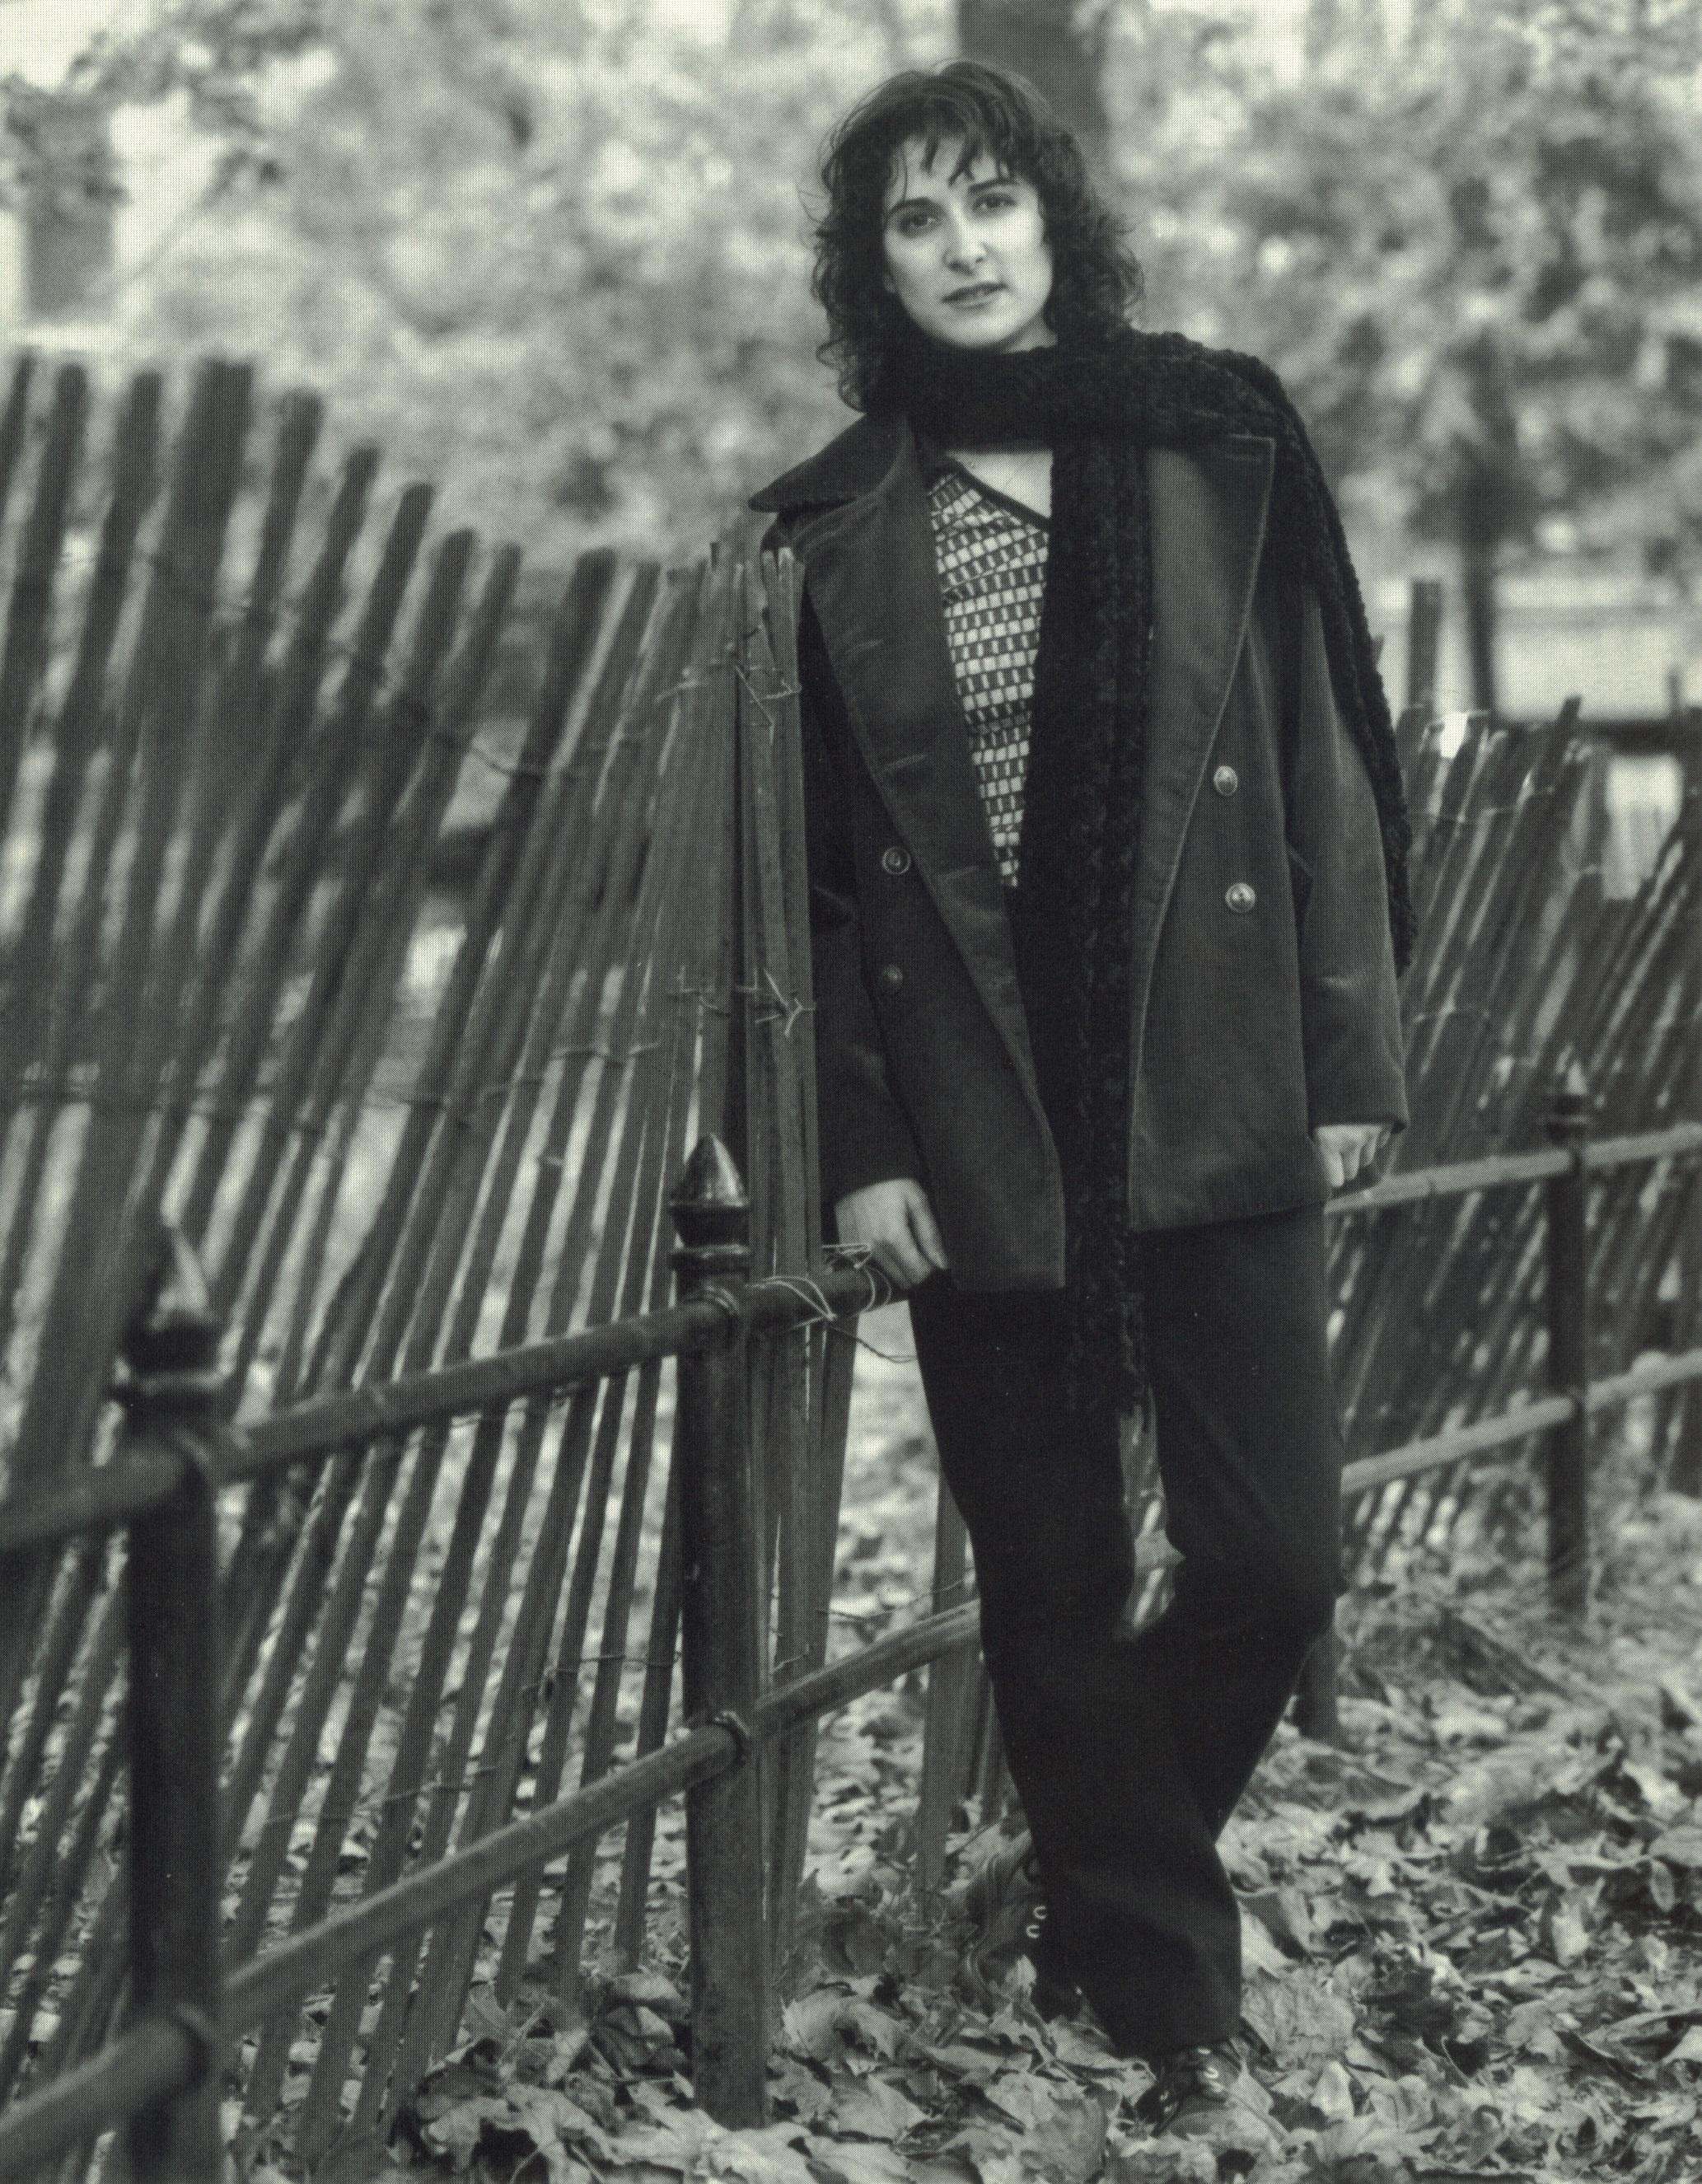 Karen Atkins